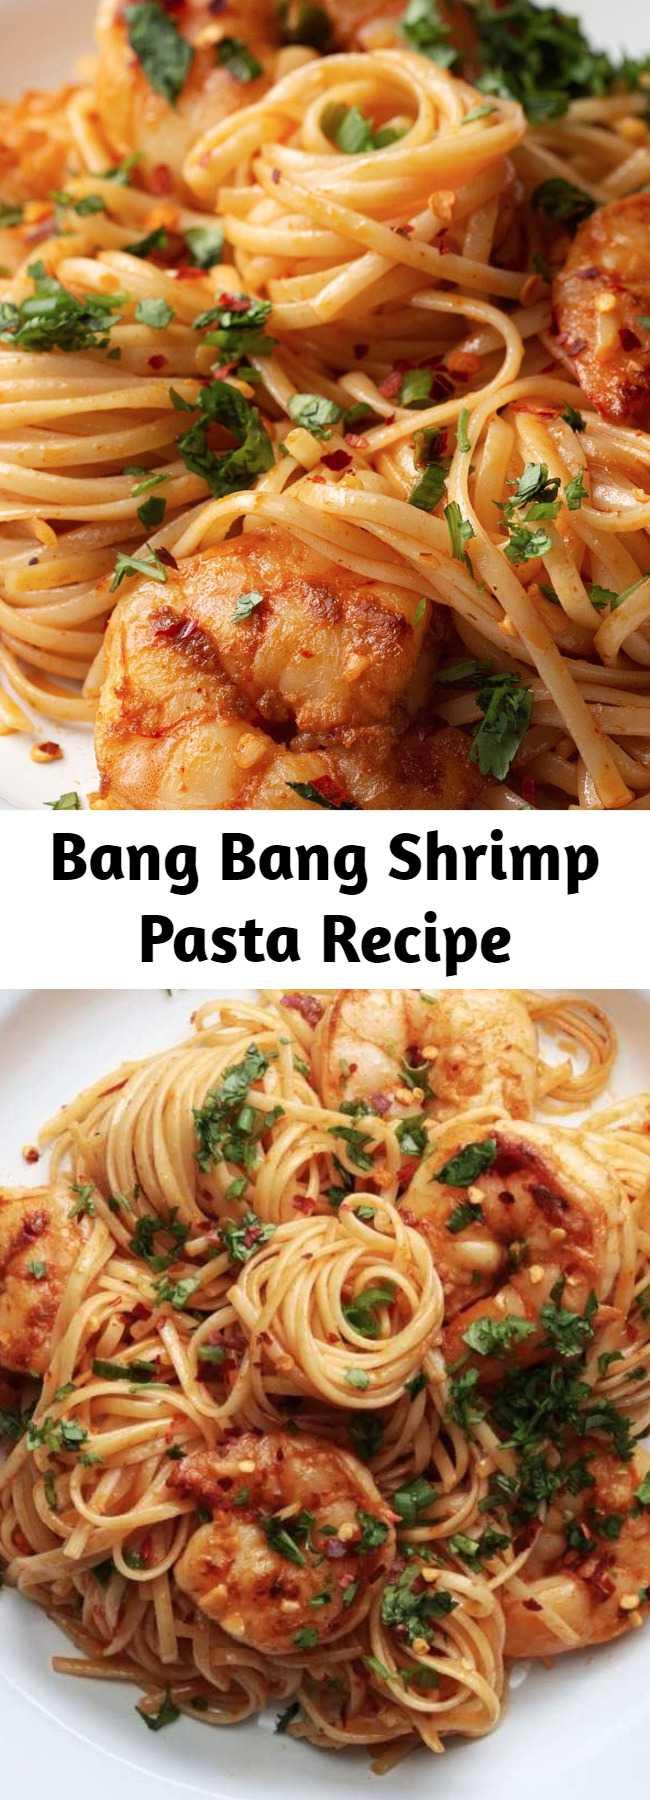 """Bang Bang Shrimp Pasta Recipe - Why """"Bang Bang?"""" Because this shrimp pasta is bangin'!"""